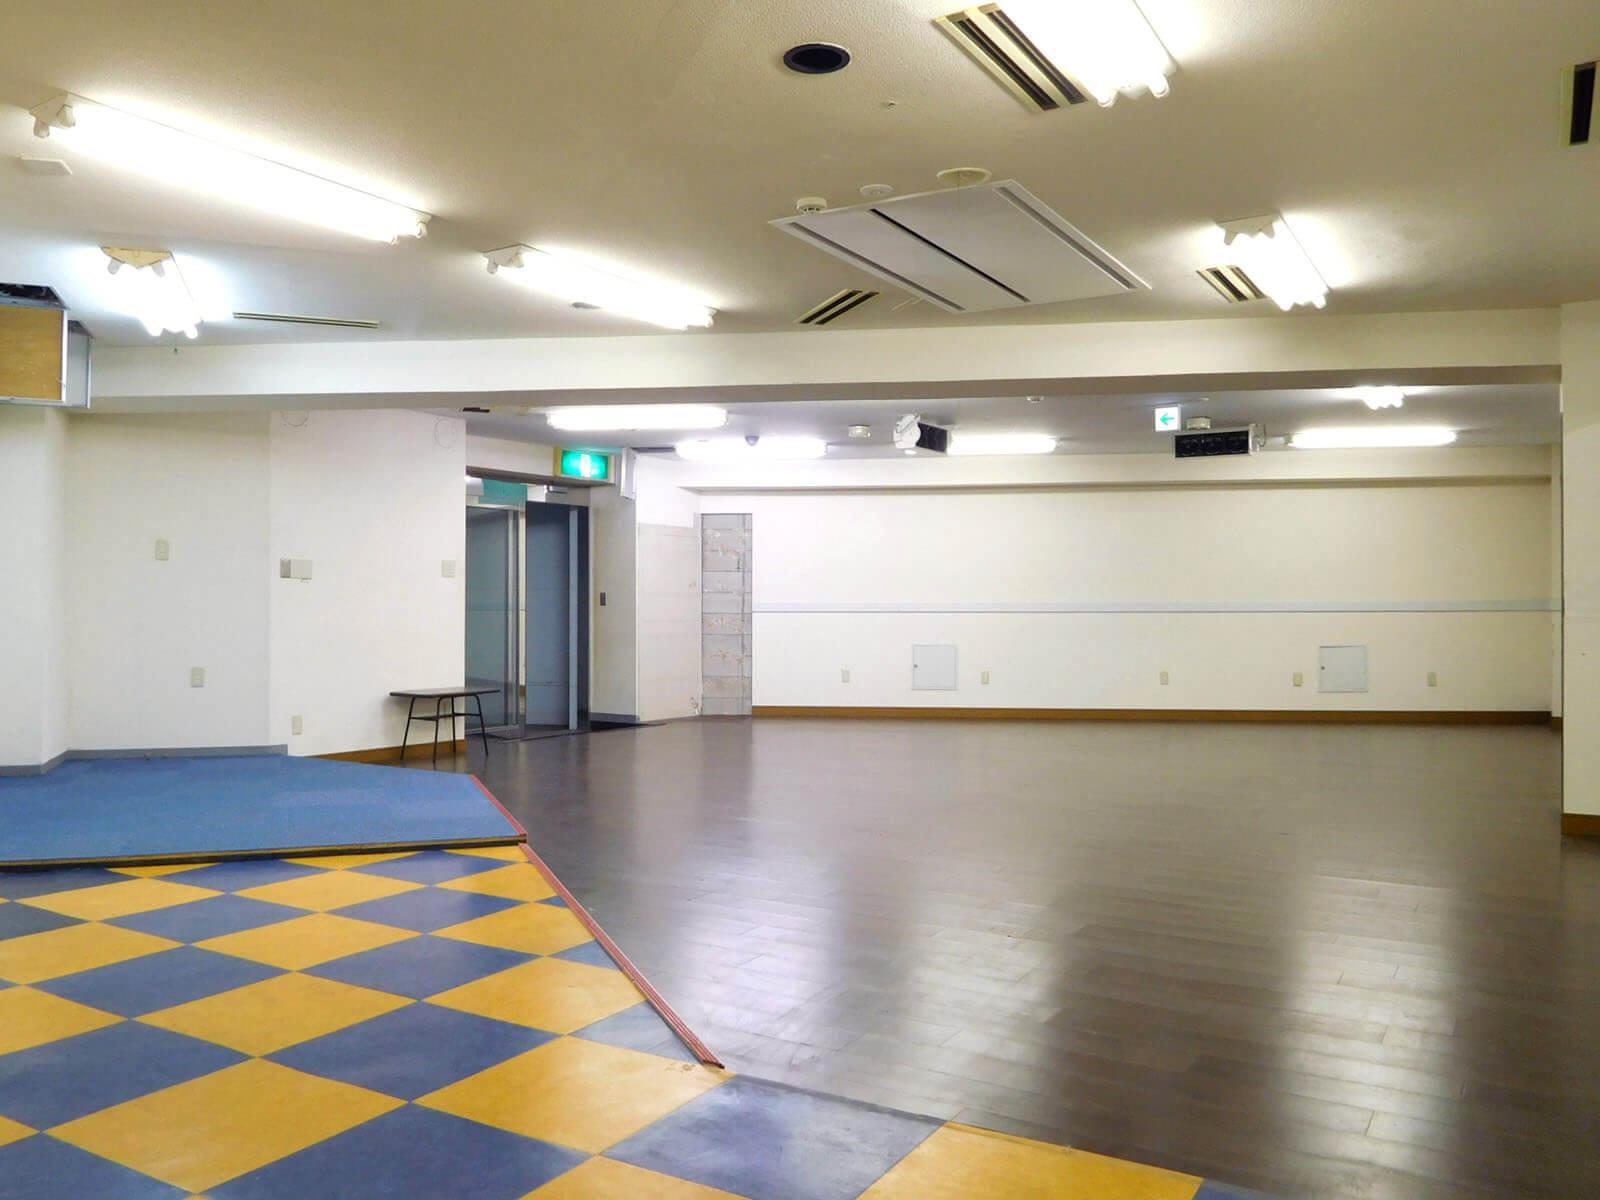 元厨房ゾーン。床の処理やスケルトン渡しなども相談可能です。